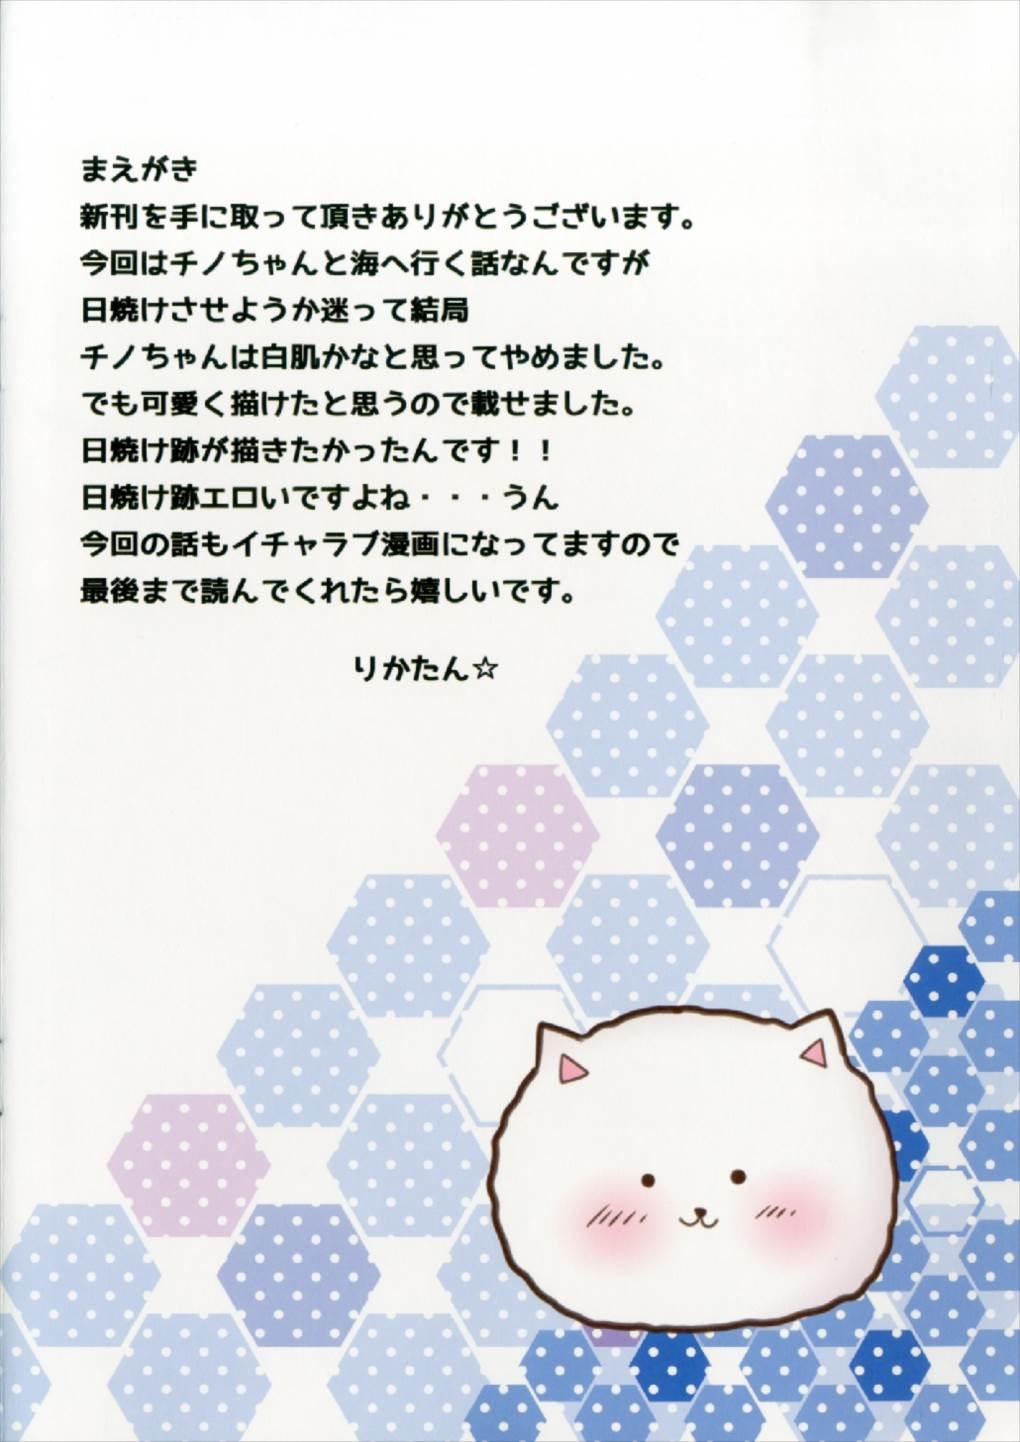 HentaiVN.net - Ảnh 2 - Chino-chan to Natsu no Omoide o Tsukuritai! - Gochuumon wa usagi desu ka - Oneshot